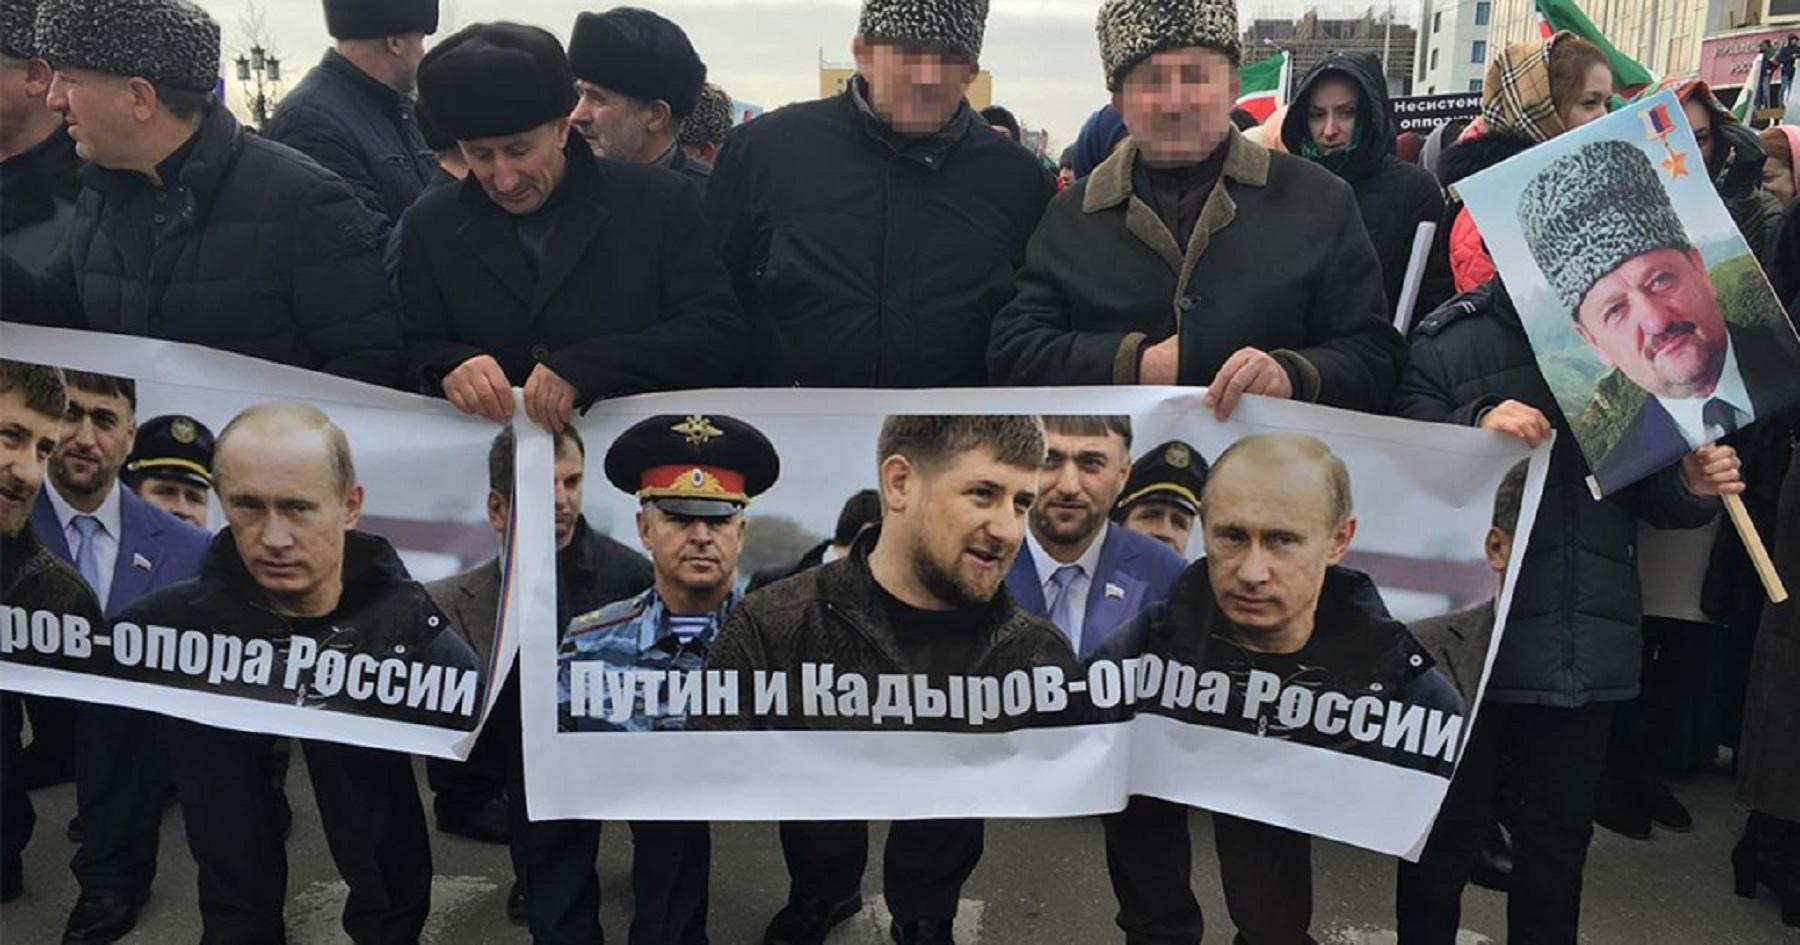 putin - 15 1565448272 - 20 năm cầm quyền của Tổng thống Putin: Từ nhà cải cách đến lãnh đạo cứng rắn